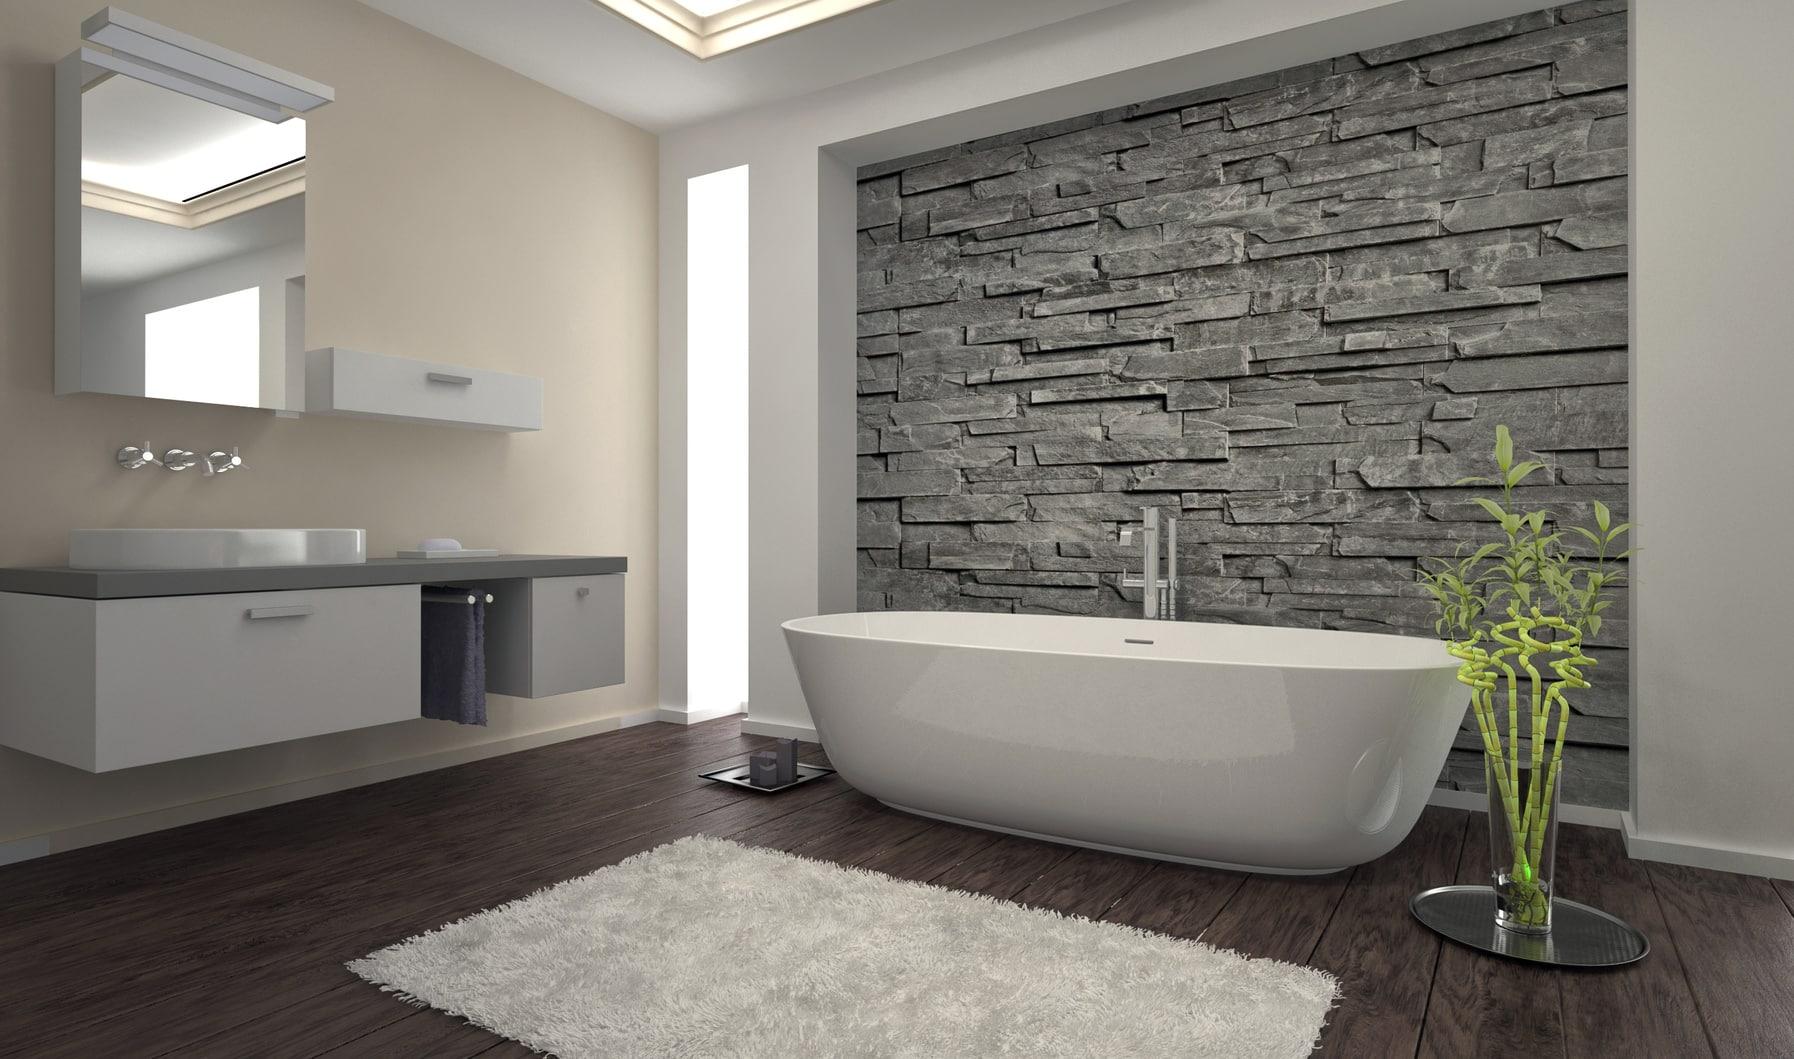 Baignoire dans salle de bain